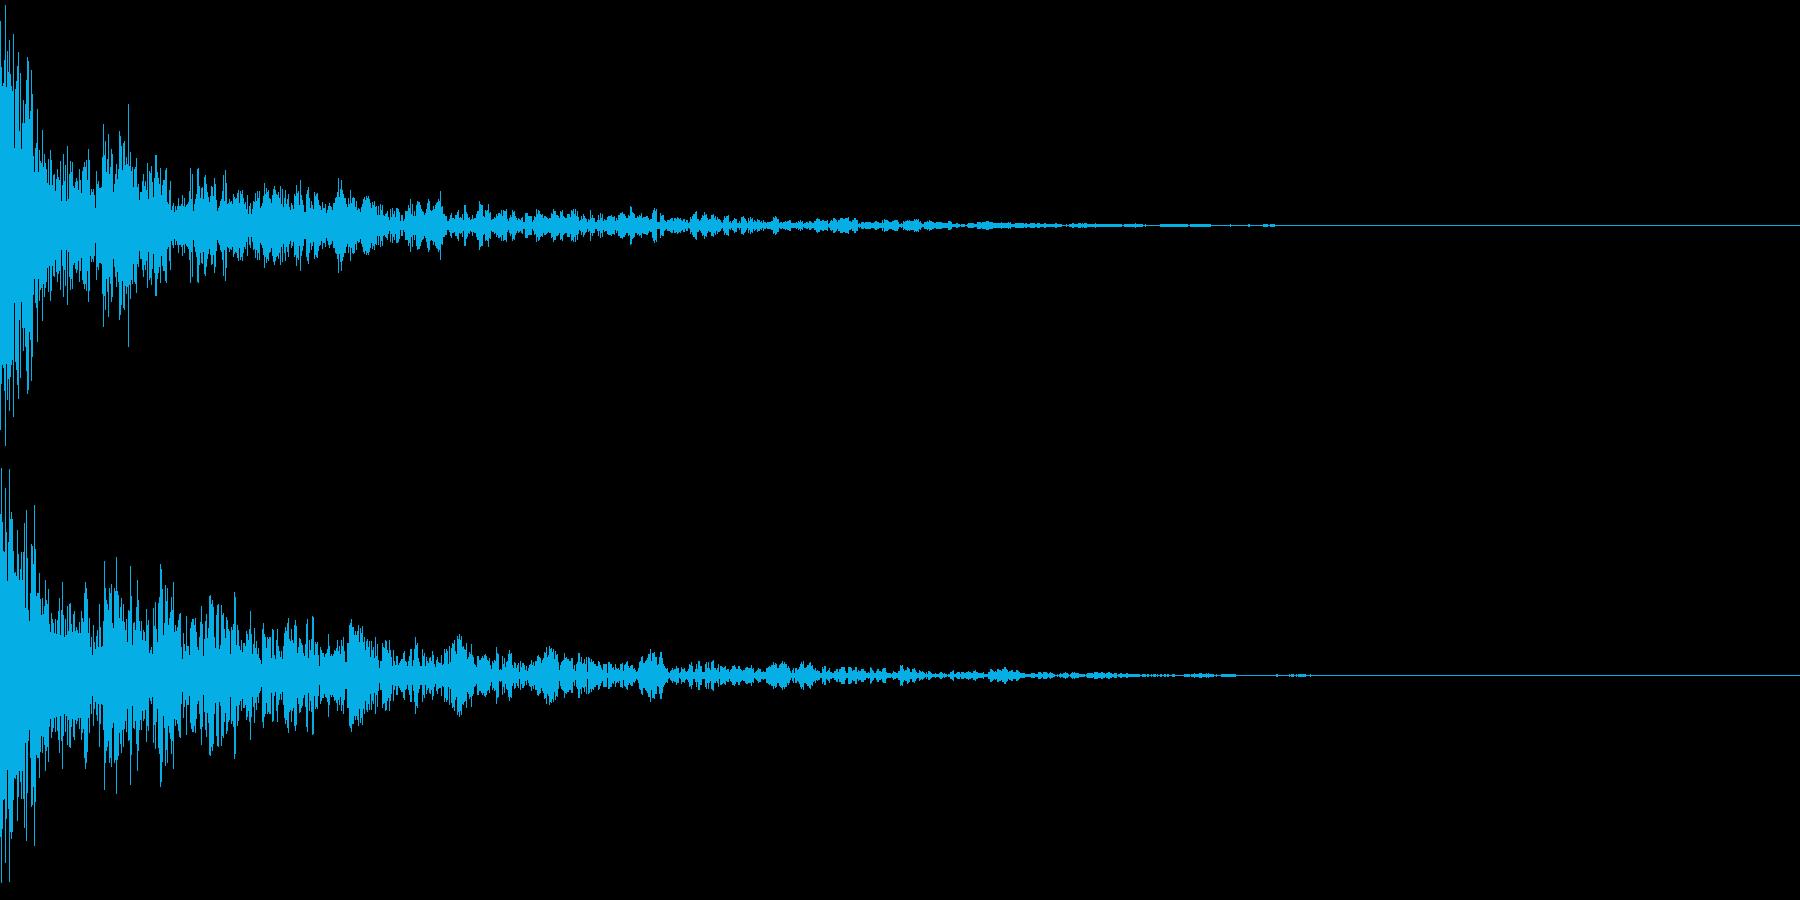 ドーン-41-2(インパクト音)の再生済みの波形